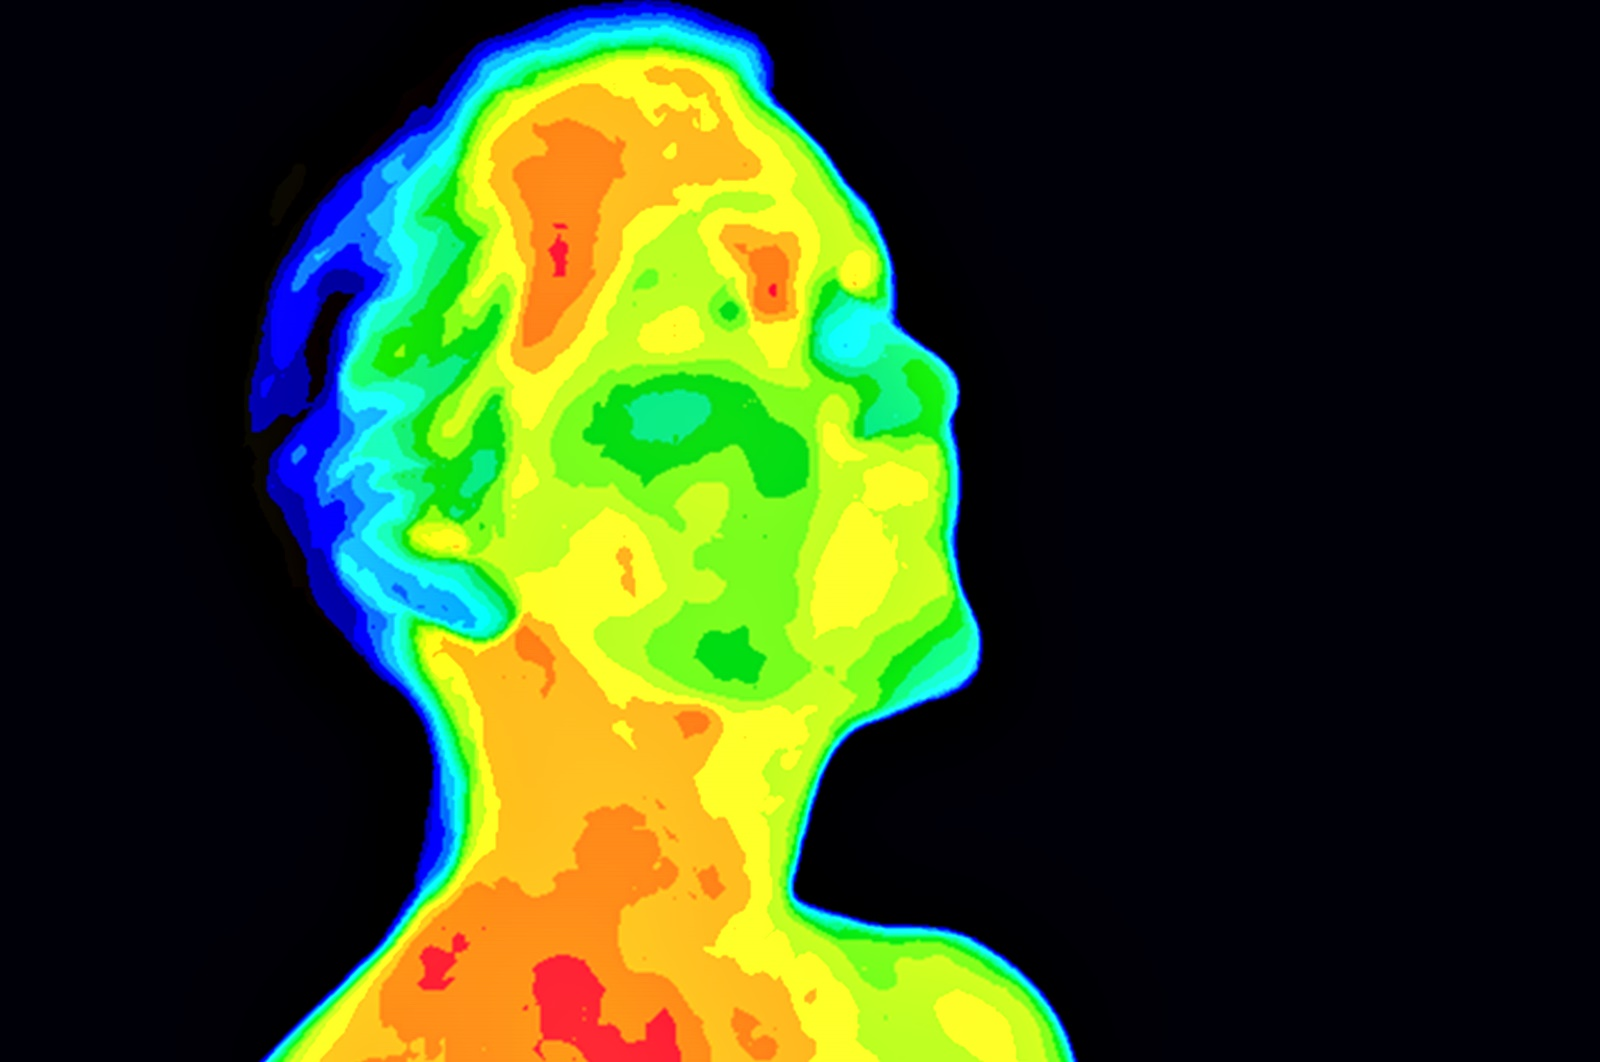 """Мит 5: Голяма част от топлината на тялото се освобождава през главата.<br /> Смята се, че митът се е зародил от американско военно проучване от 50-те години на ХХ, в което са изследвани последиците от студеното време върху хората. За изследването доброволци са облечени с екипировка за оцеляване на арктически климат и са подложени на екстремно ниски температури. Военните установяват, че хората губят най-много телесна топлина през главата, игнорирайки факта, че по времена проучването тя е единствената част от тялото, която не е защитена от екипировка. Проучване от 2008 г. на канадския """"Университет на Британска Колумбия"""" отхвърля мита."""